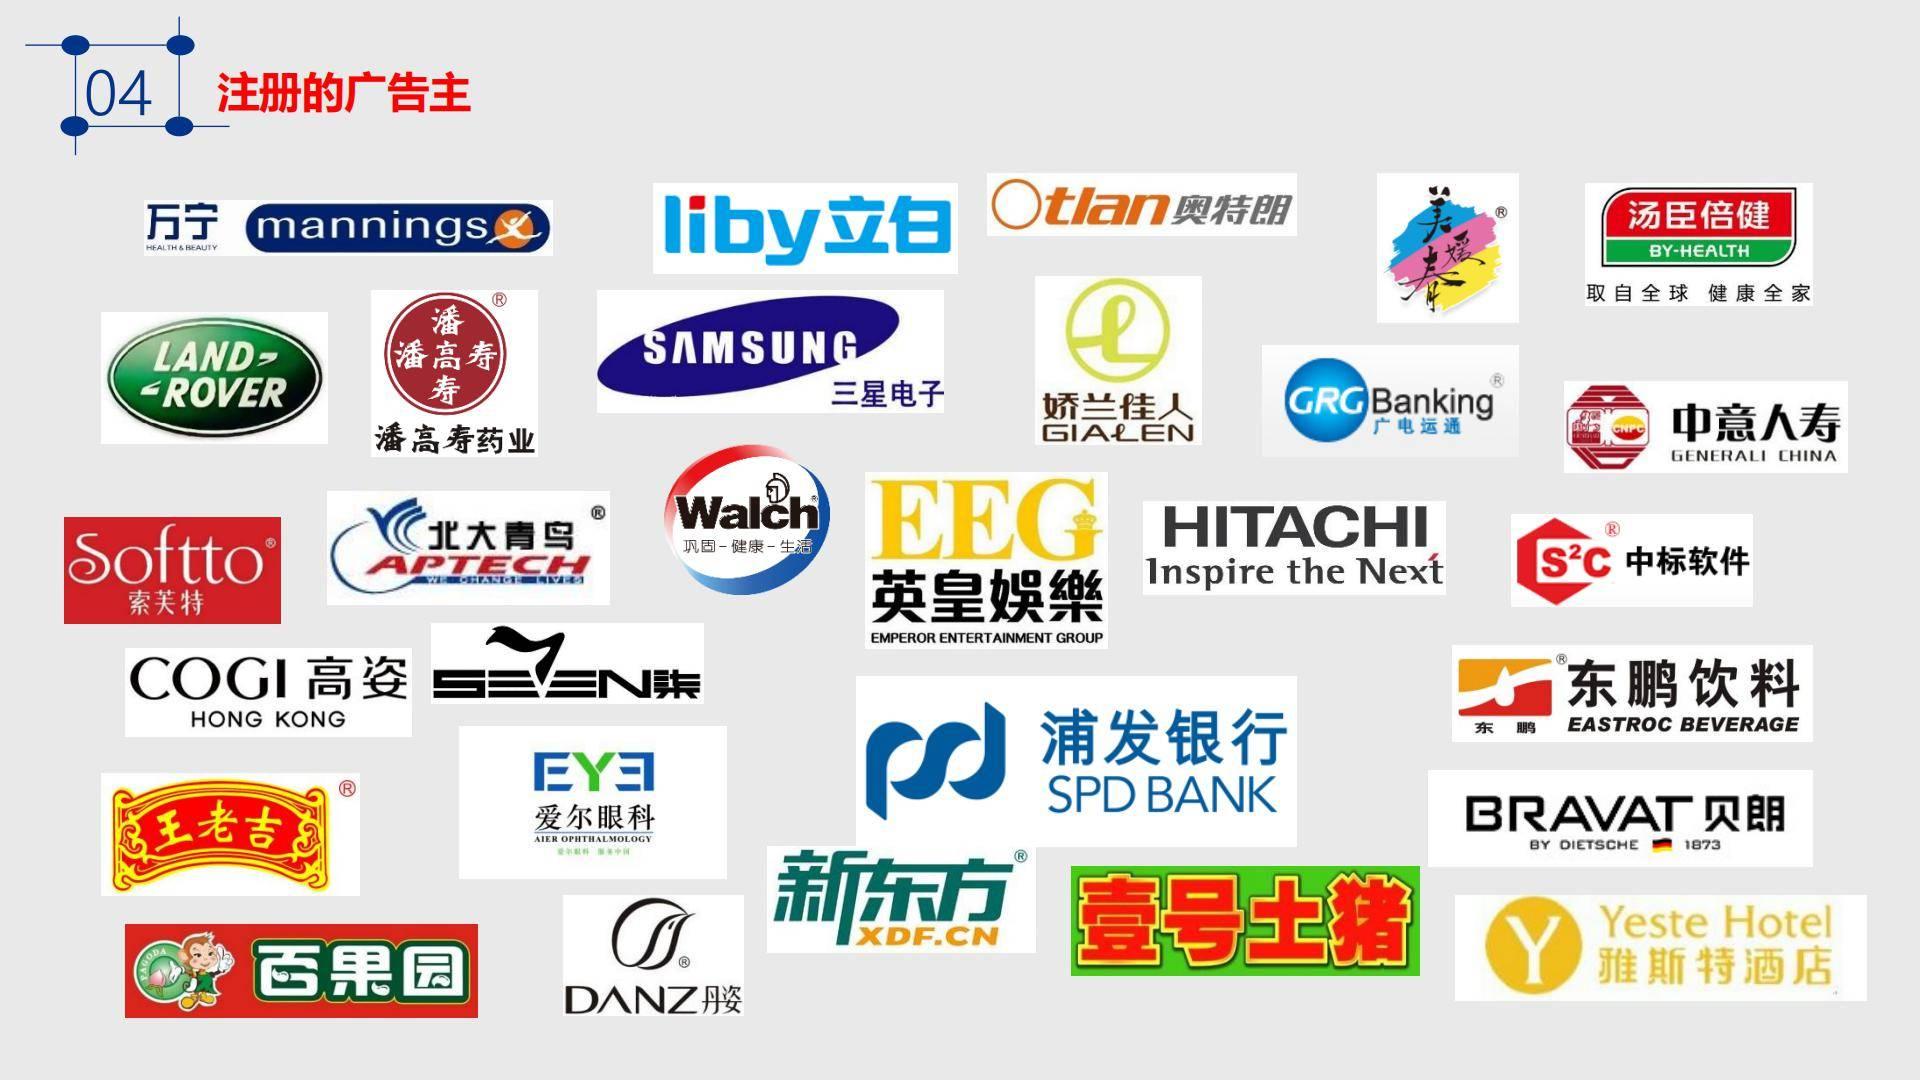 媒体主会员传播易招商2020.12.8_29.jpg